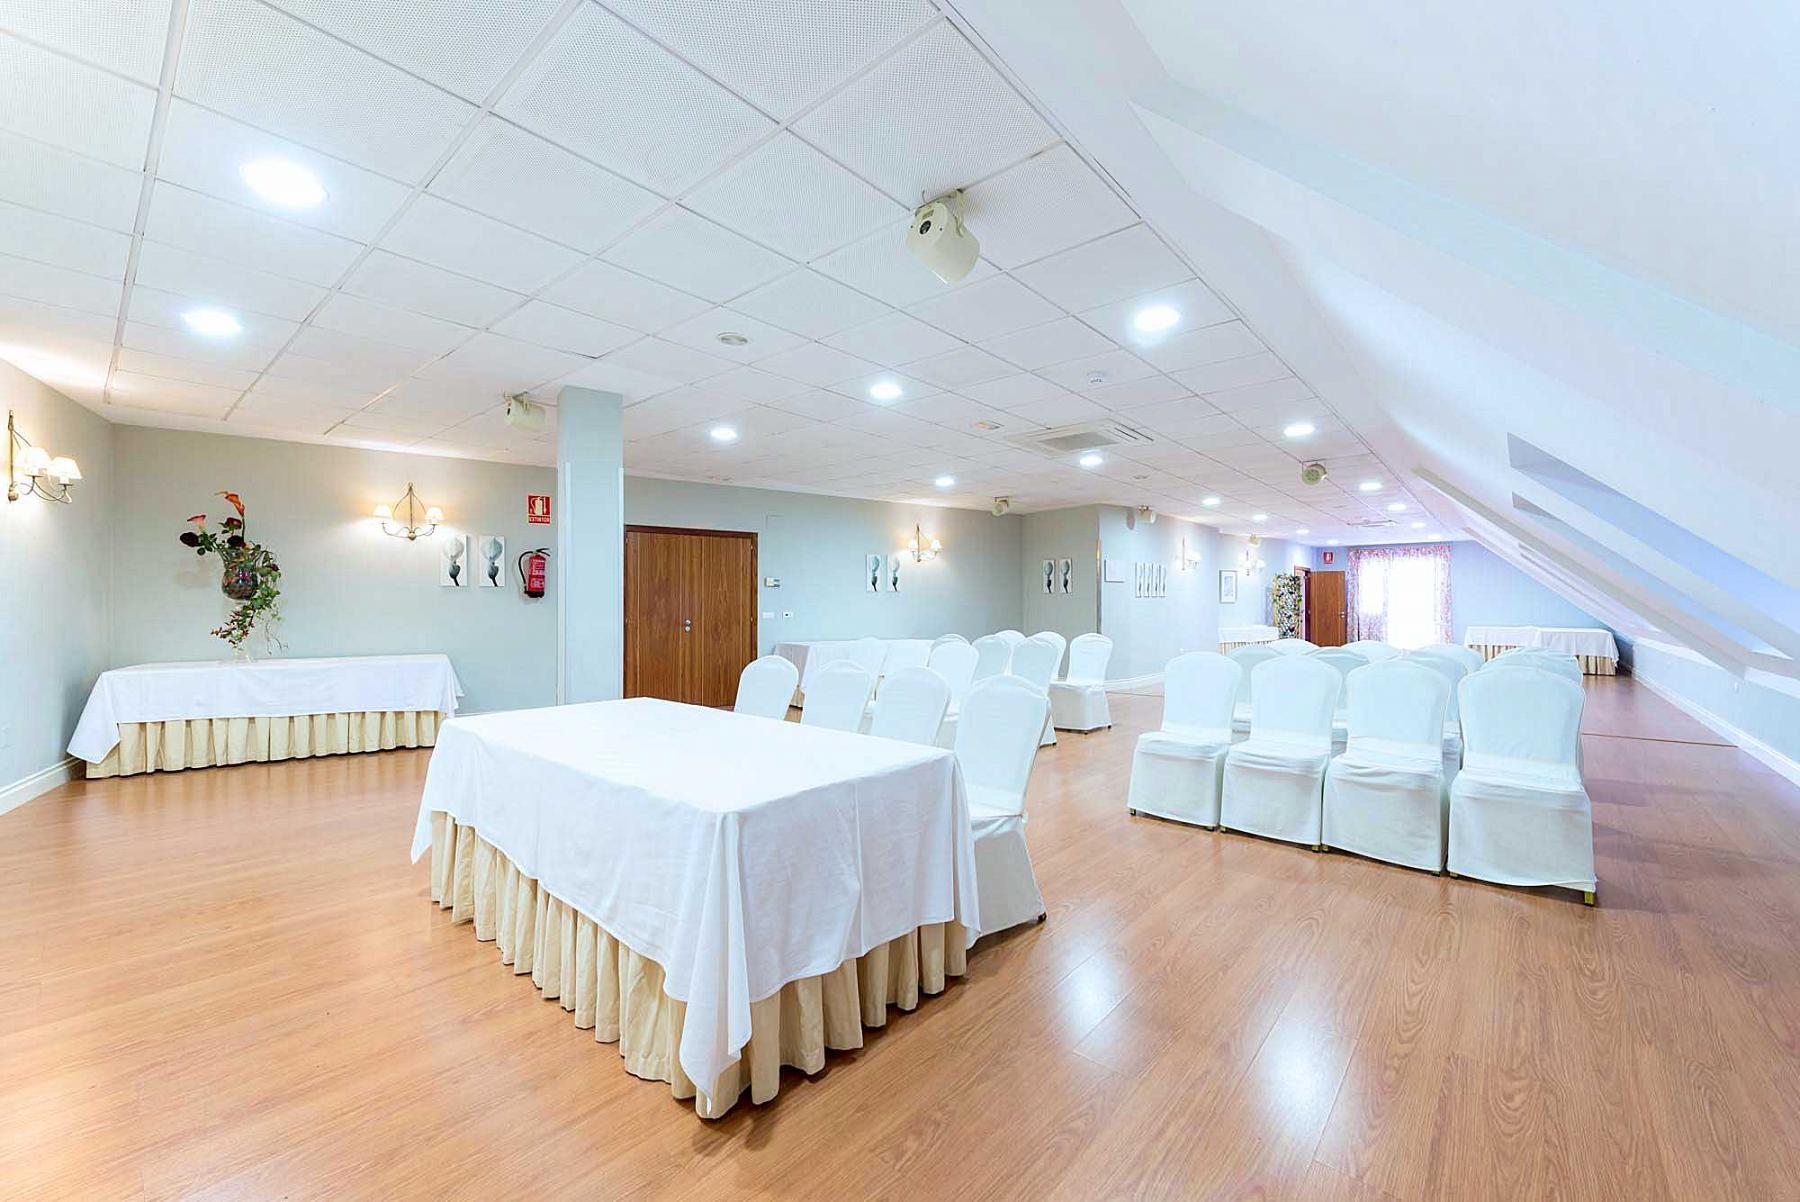 Doña Urraca Room